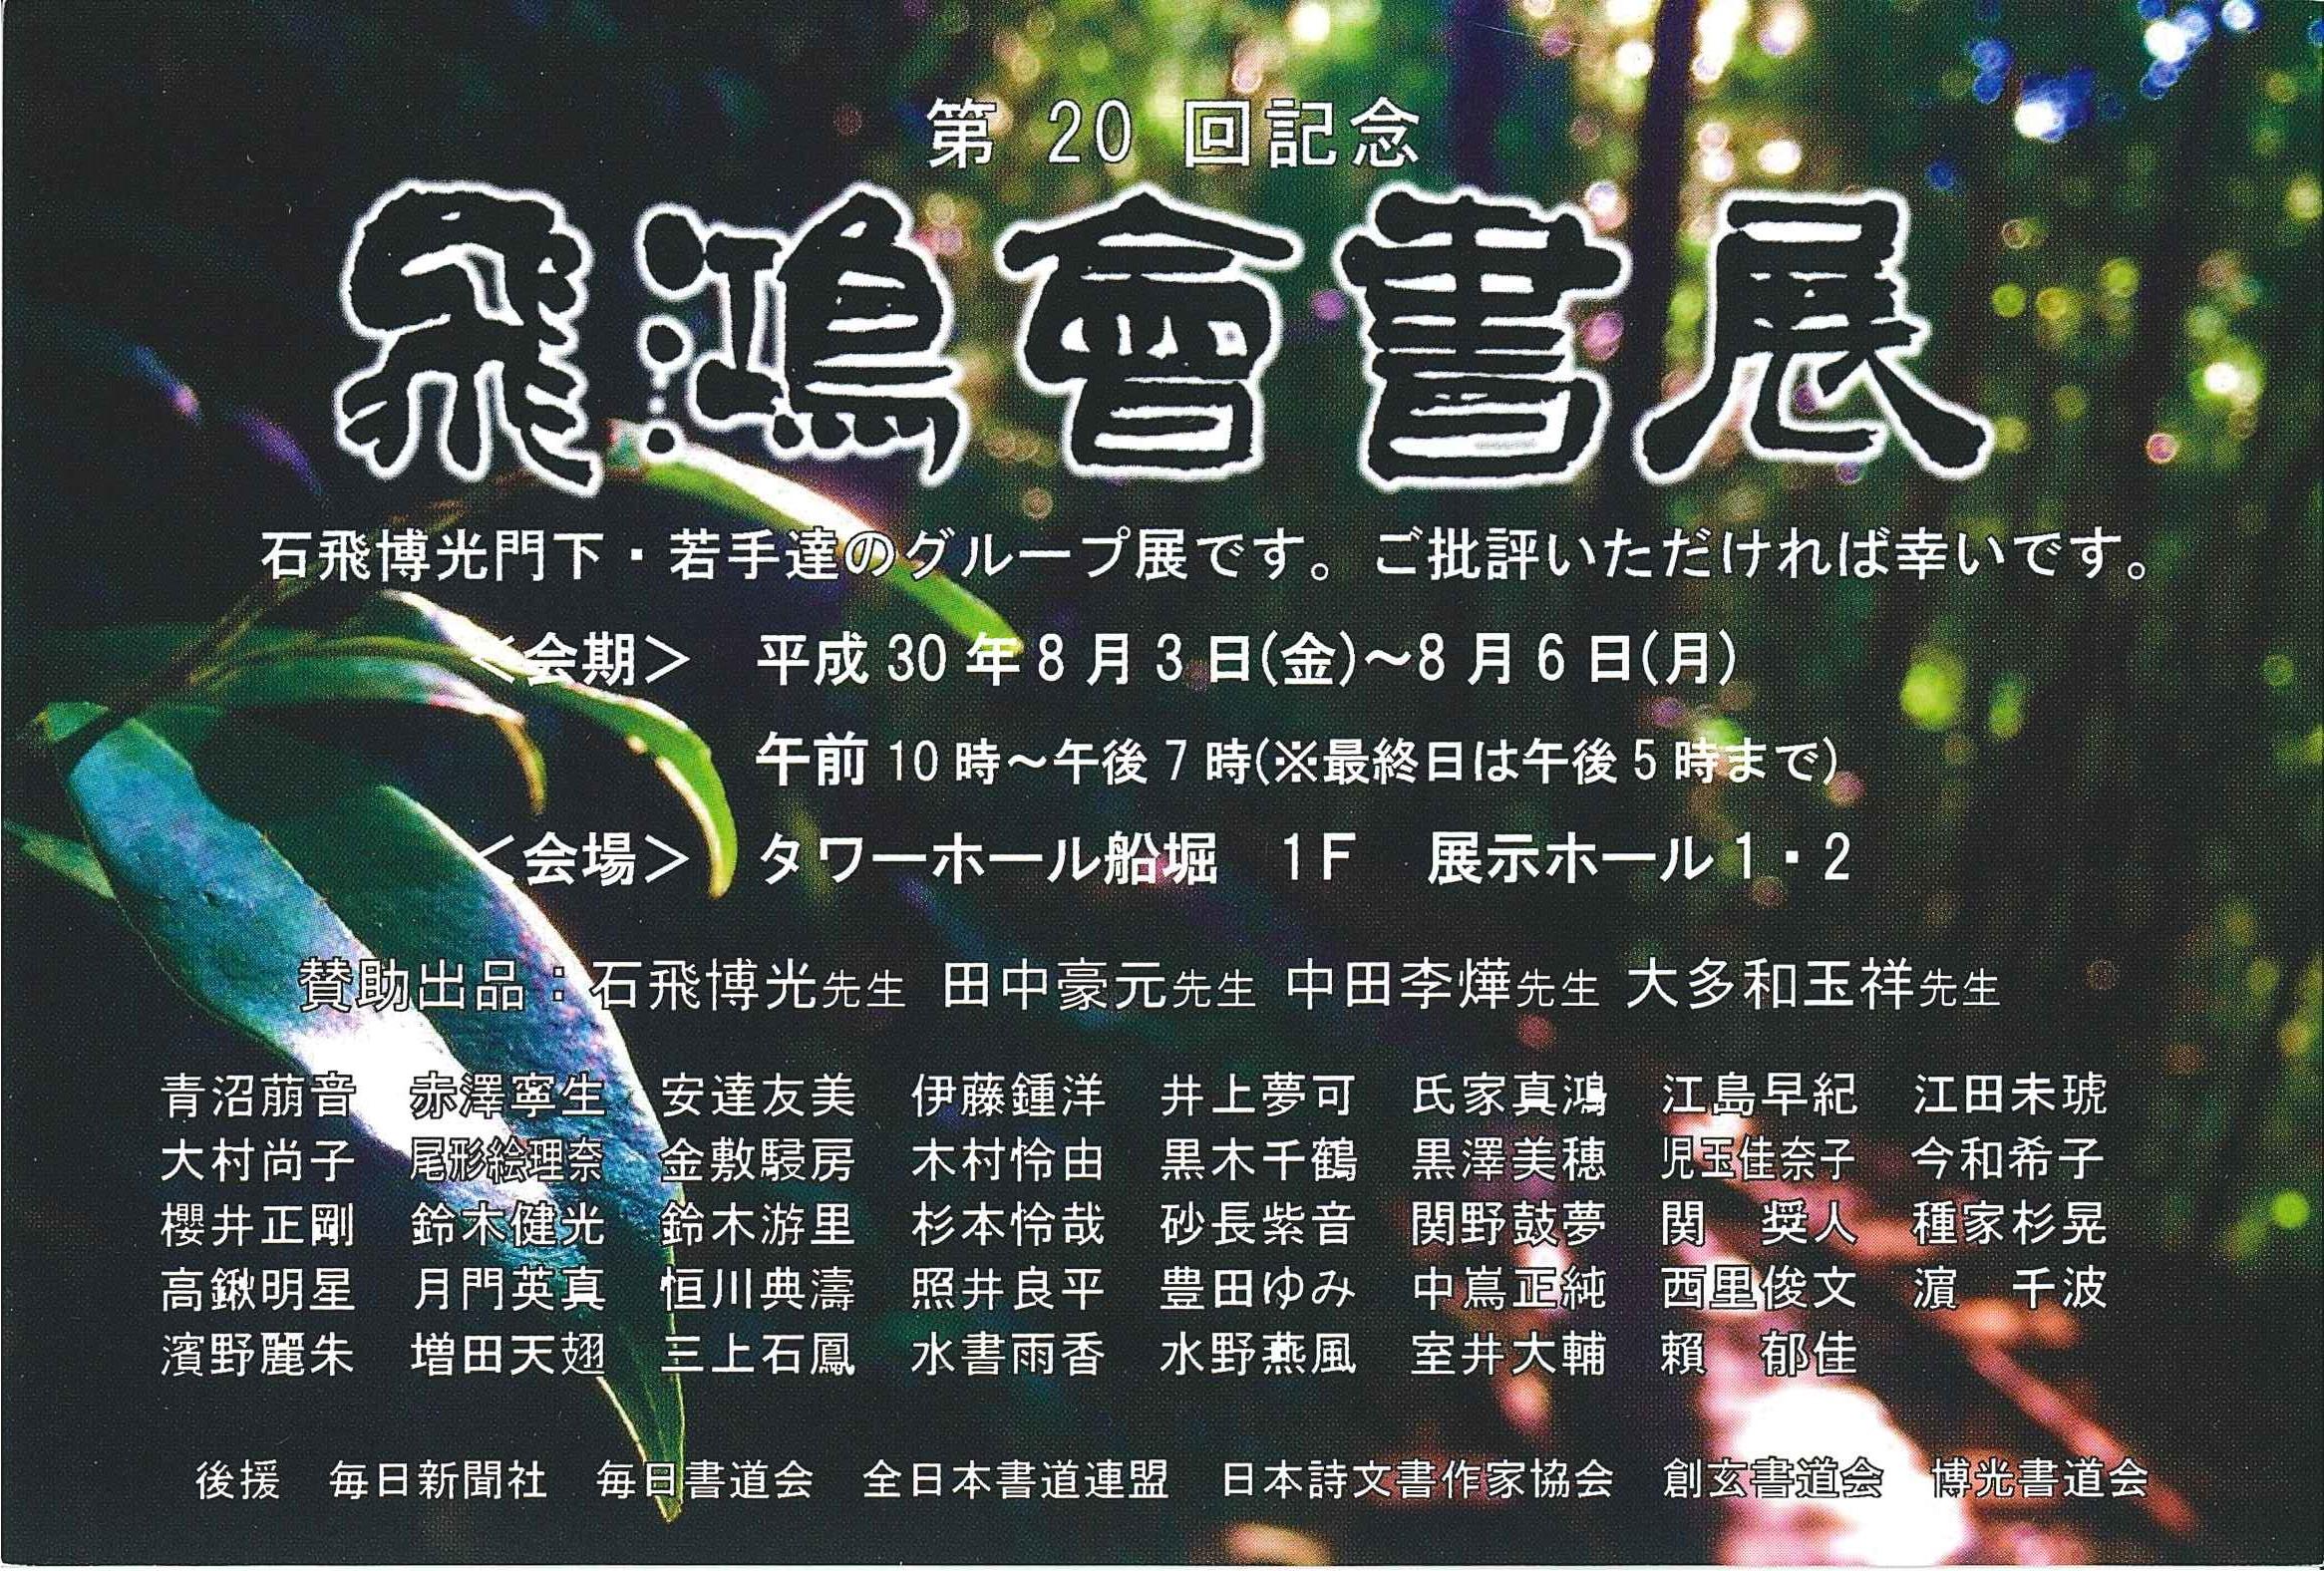 http://www.sogen.or.jp/letter/2018/07/02/20180702131711459_0002.jpg